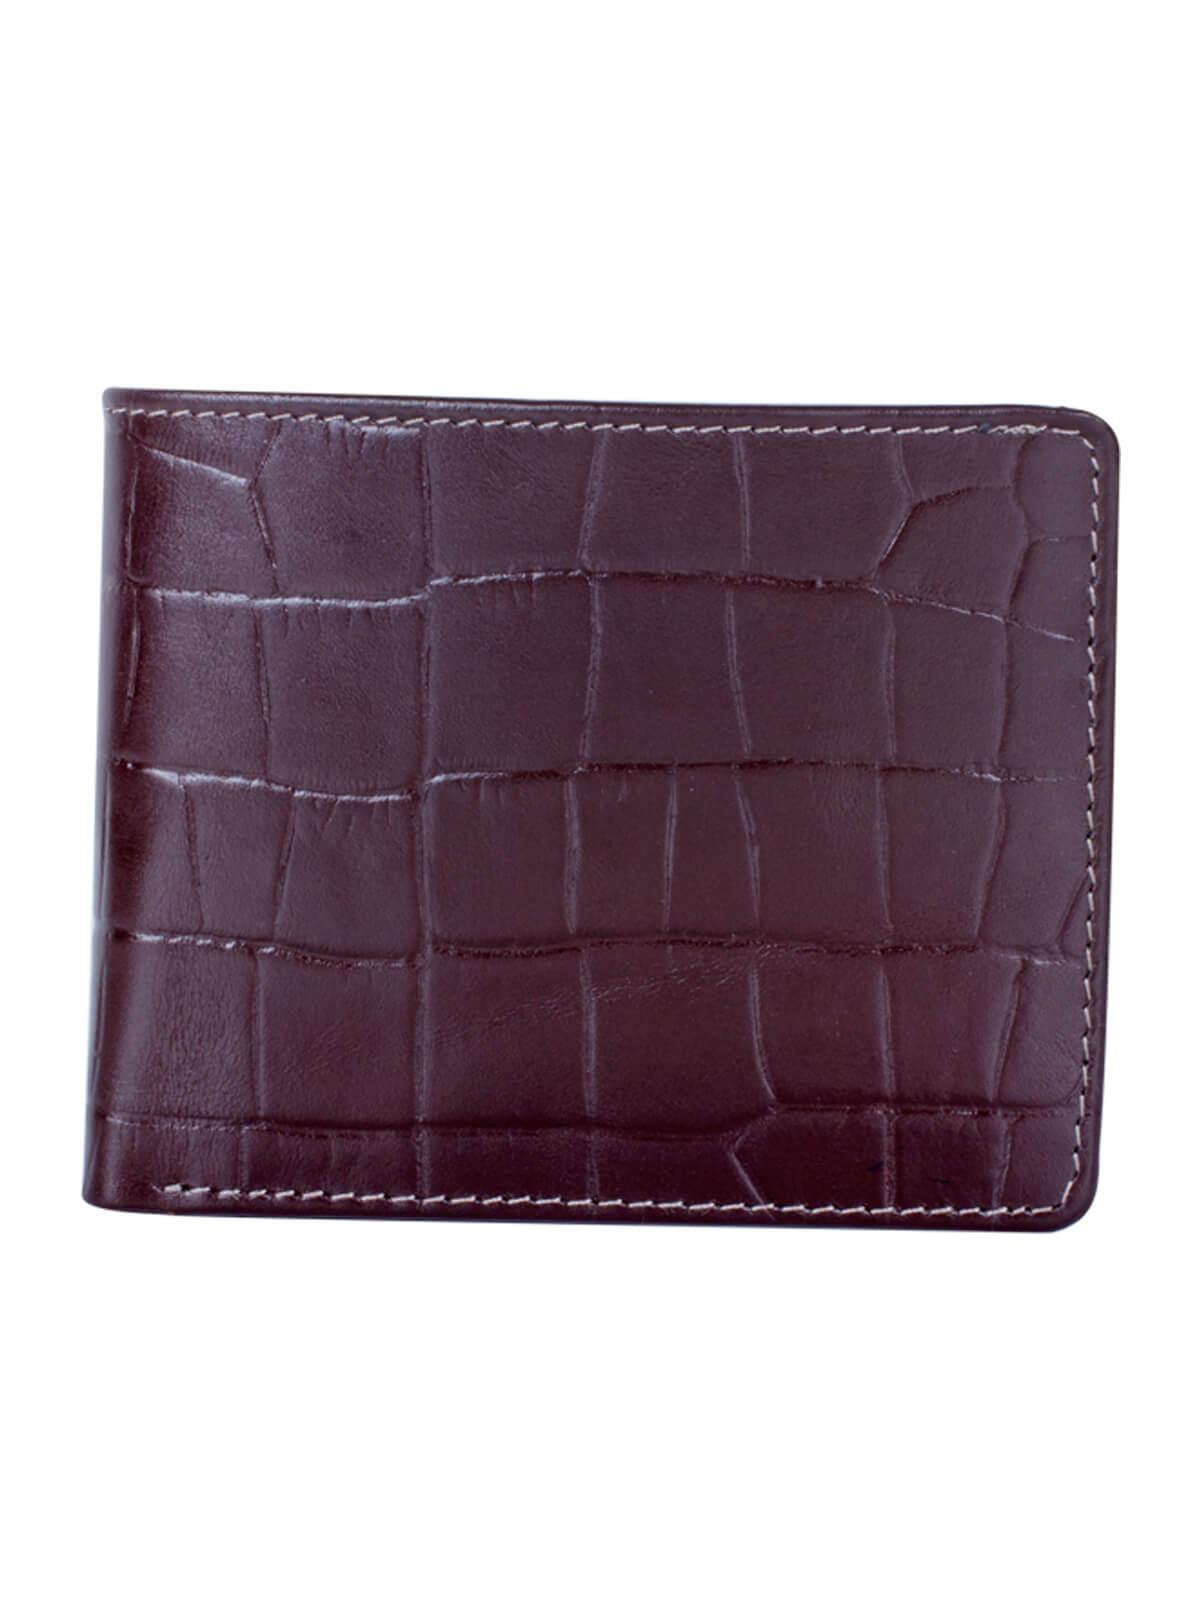 Barossa Violet Leather Embossed Wallet